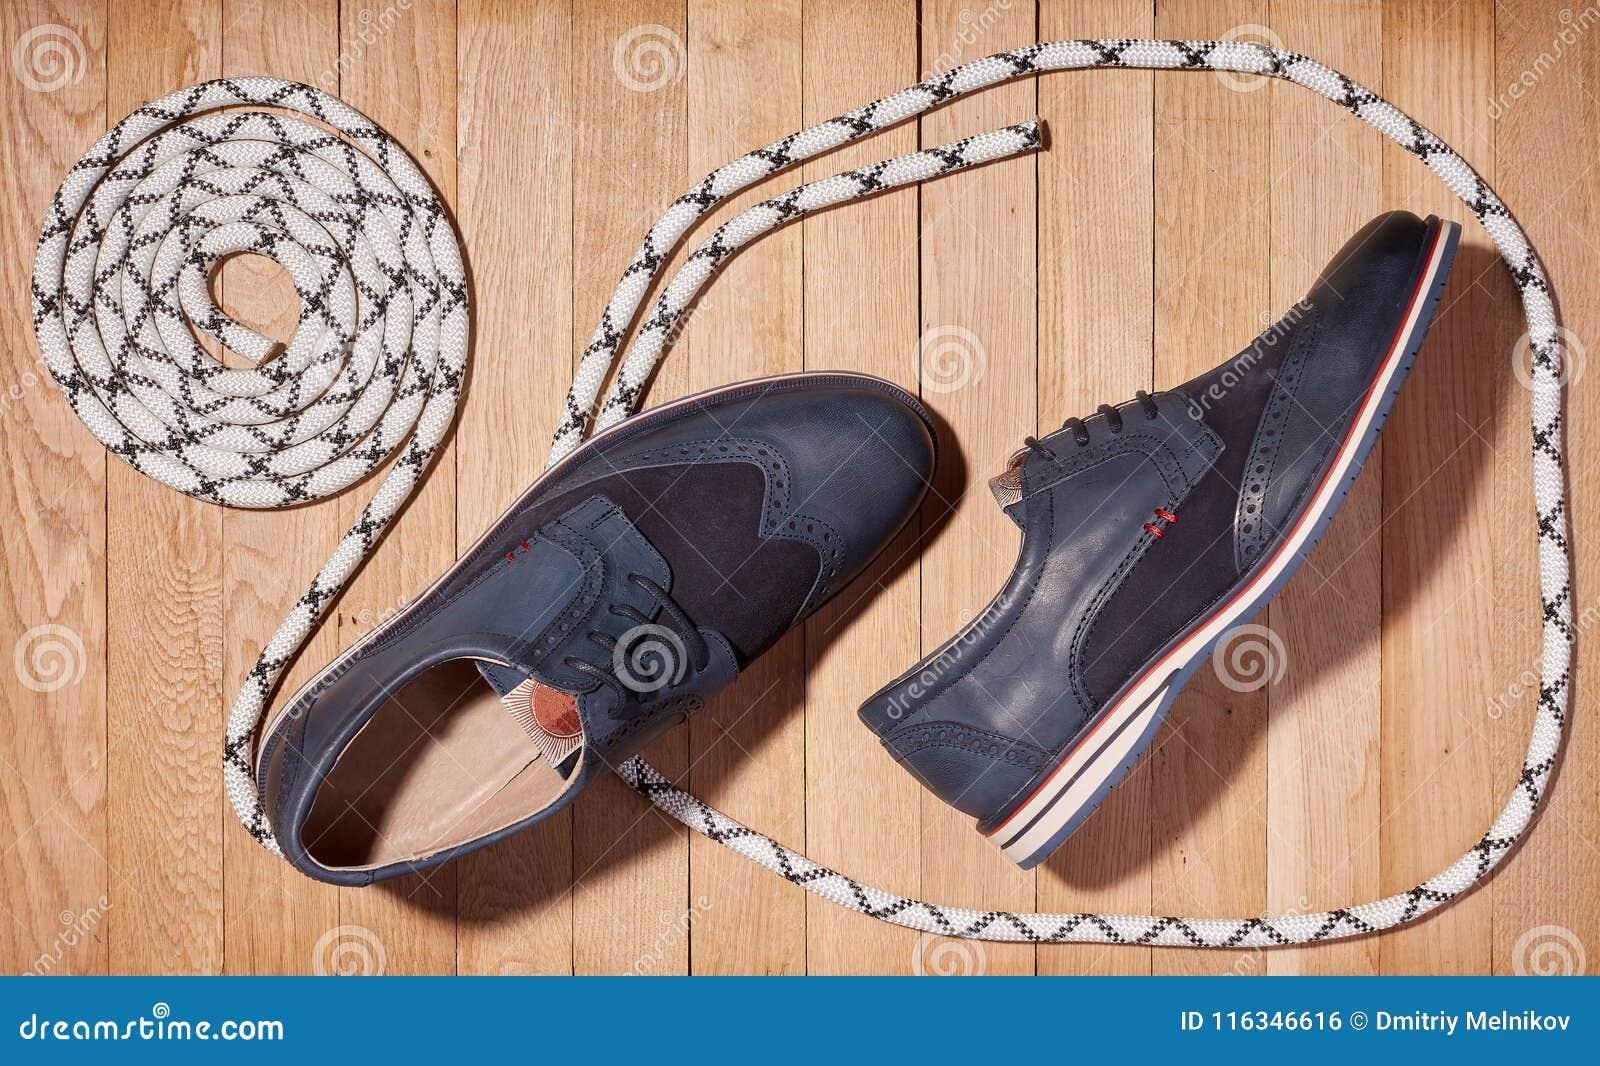 las para fondo azul clásicos mentiras los cuerda en los superior un y marino los la zapatos de hombres madera zapatos Visión de Forme nuevos 7q48x